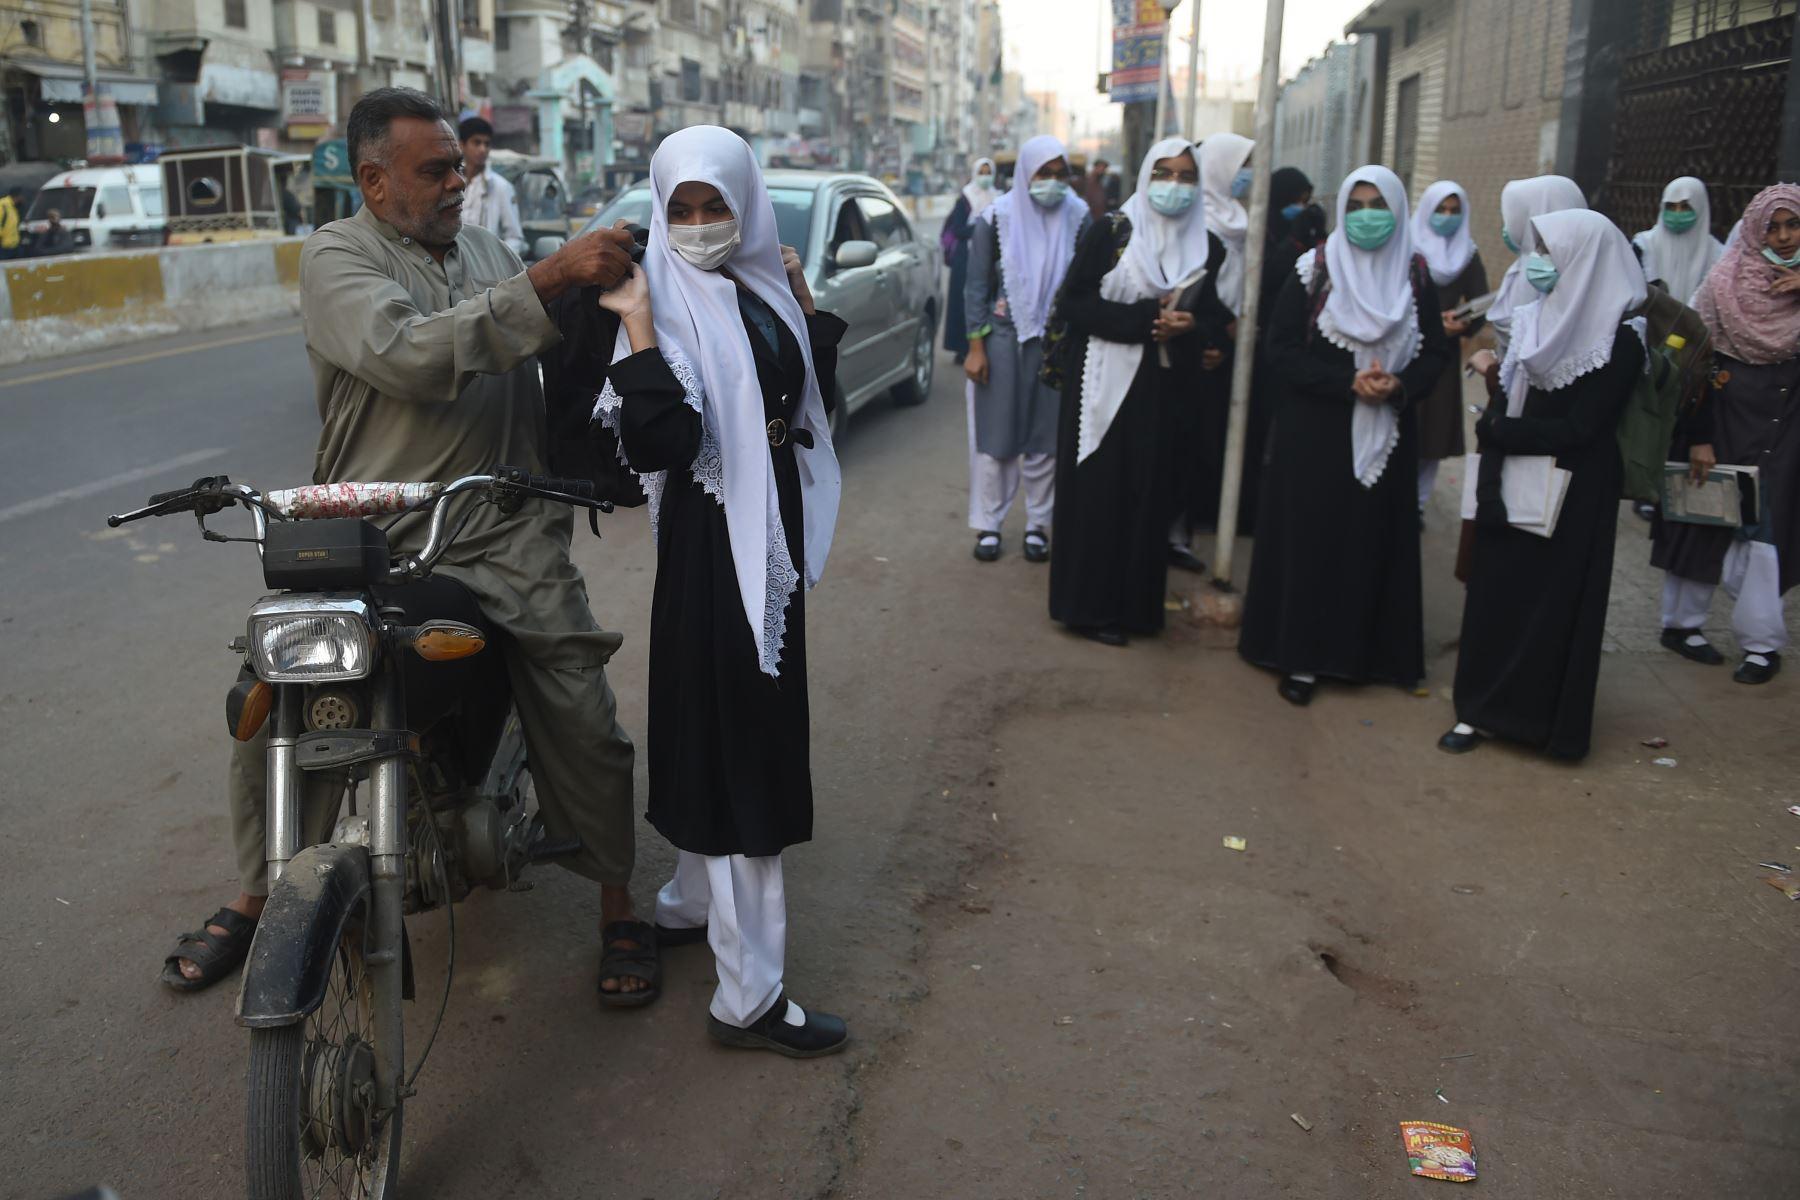 Los estudiantes con mascarillas llegan a la escuela en Karachi, cuando el gobierno reabrió los institutos educativos, después de permanecer cerrados como medida preventiva contra el coronavirUs.  Foto: AFP